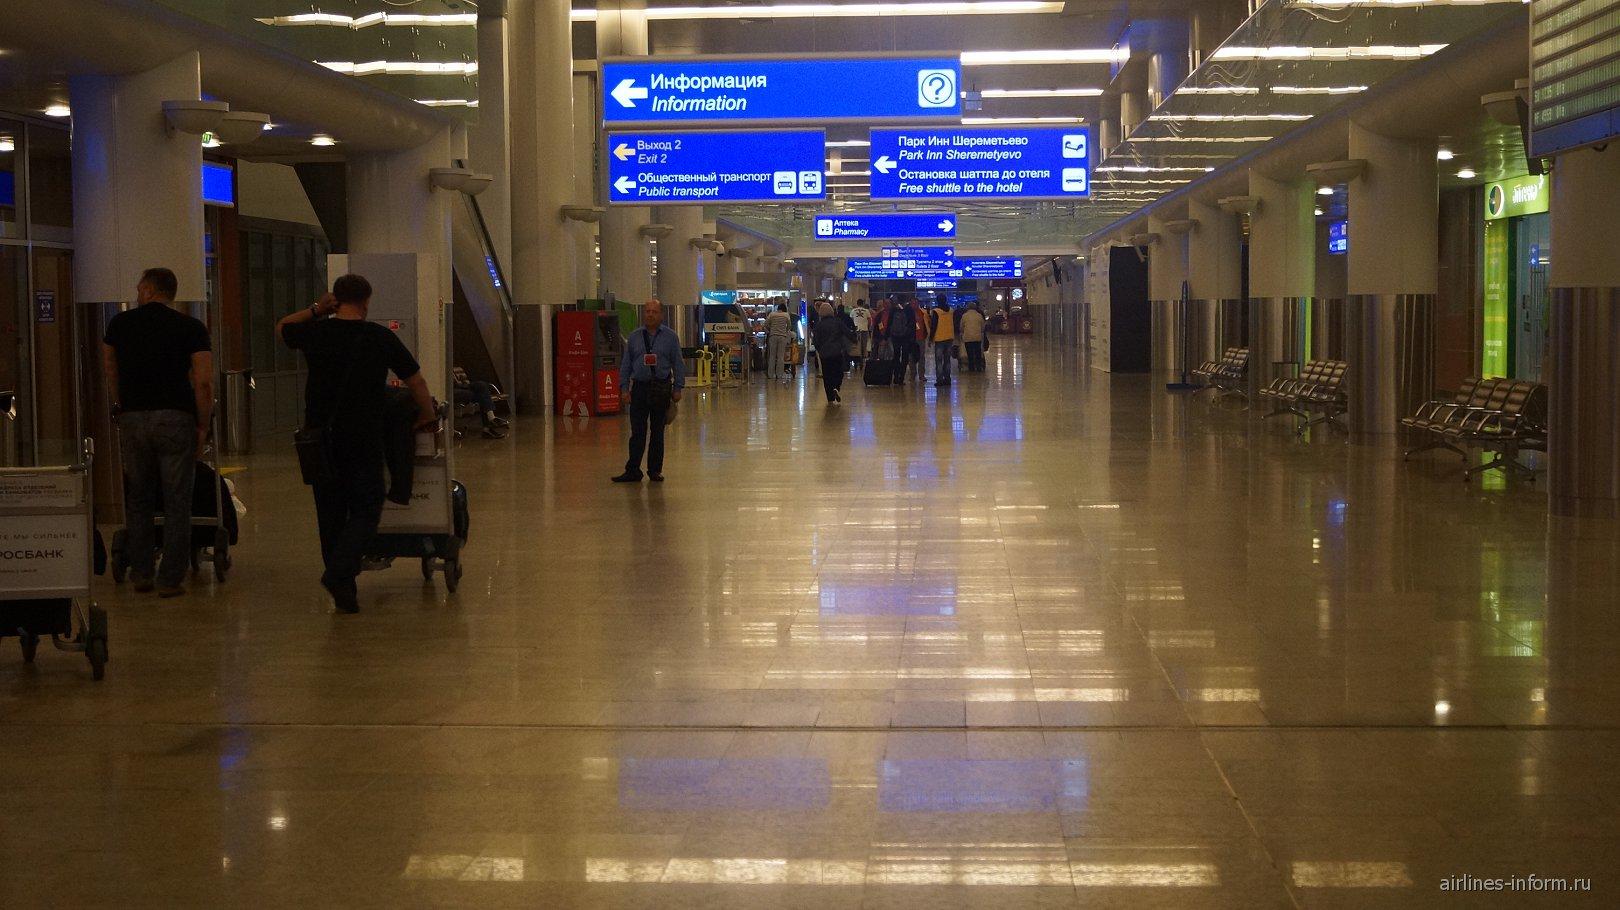 Зал прибытия в терминале Д аэропорта Шереметьево